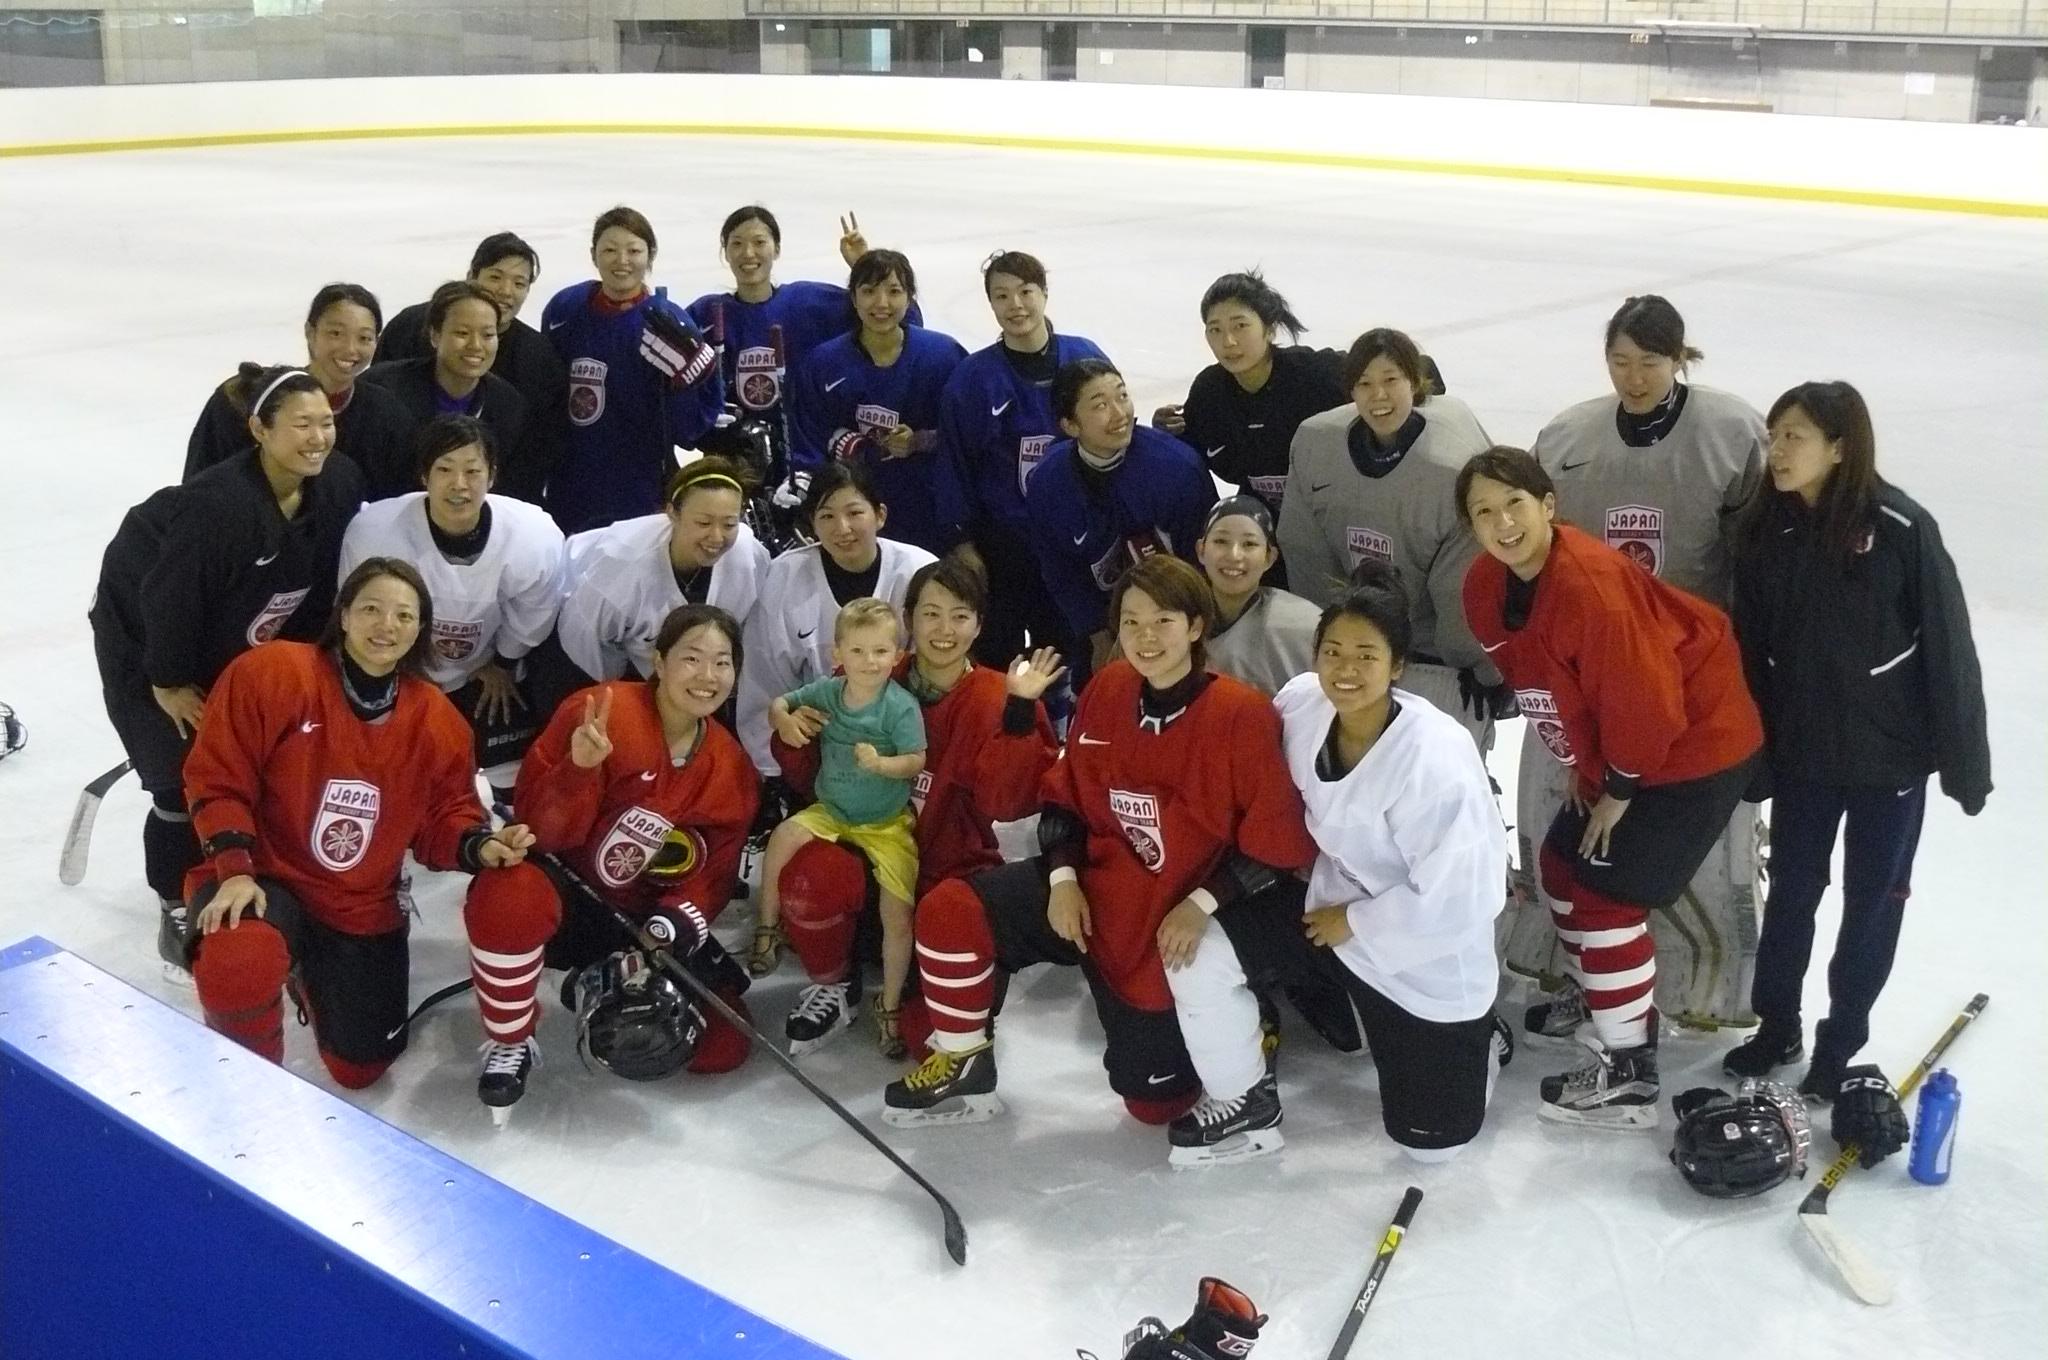 liam avec equipe du japon